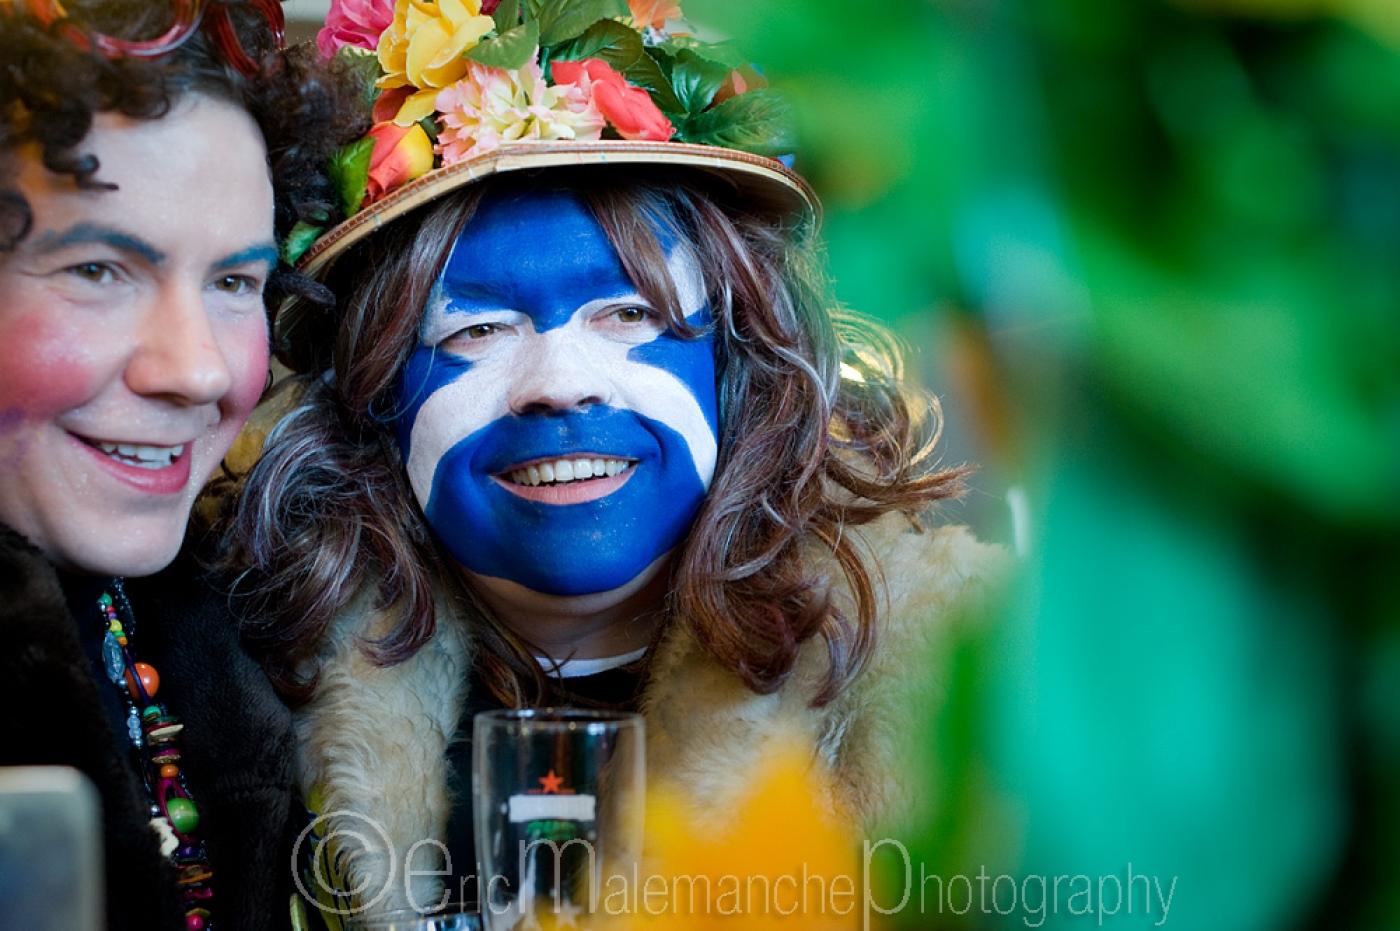 https://www.ericmalemanche.com/imagess/topics/carnaval-de-dunkerque/liste/Carnaval-Dunkerque-1278.jpg